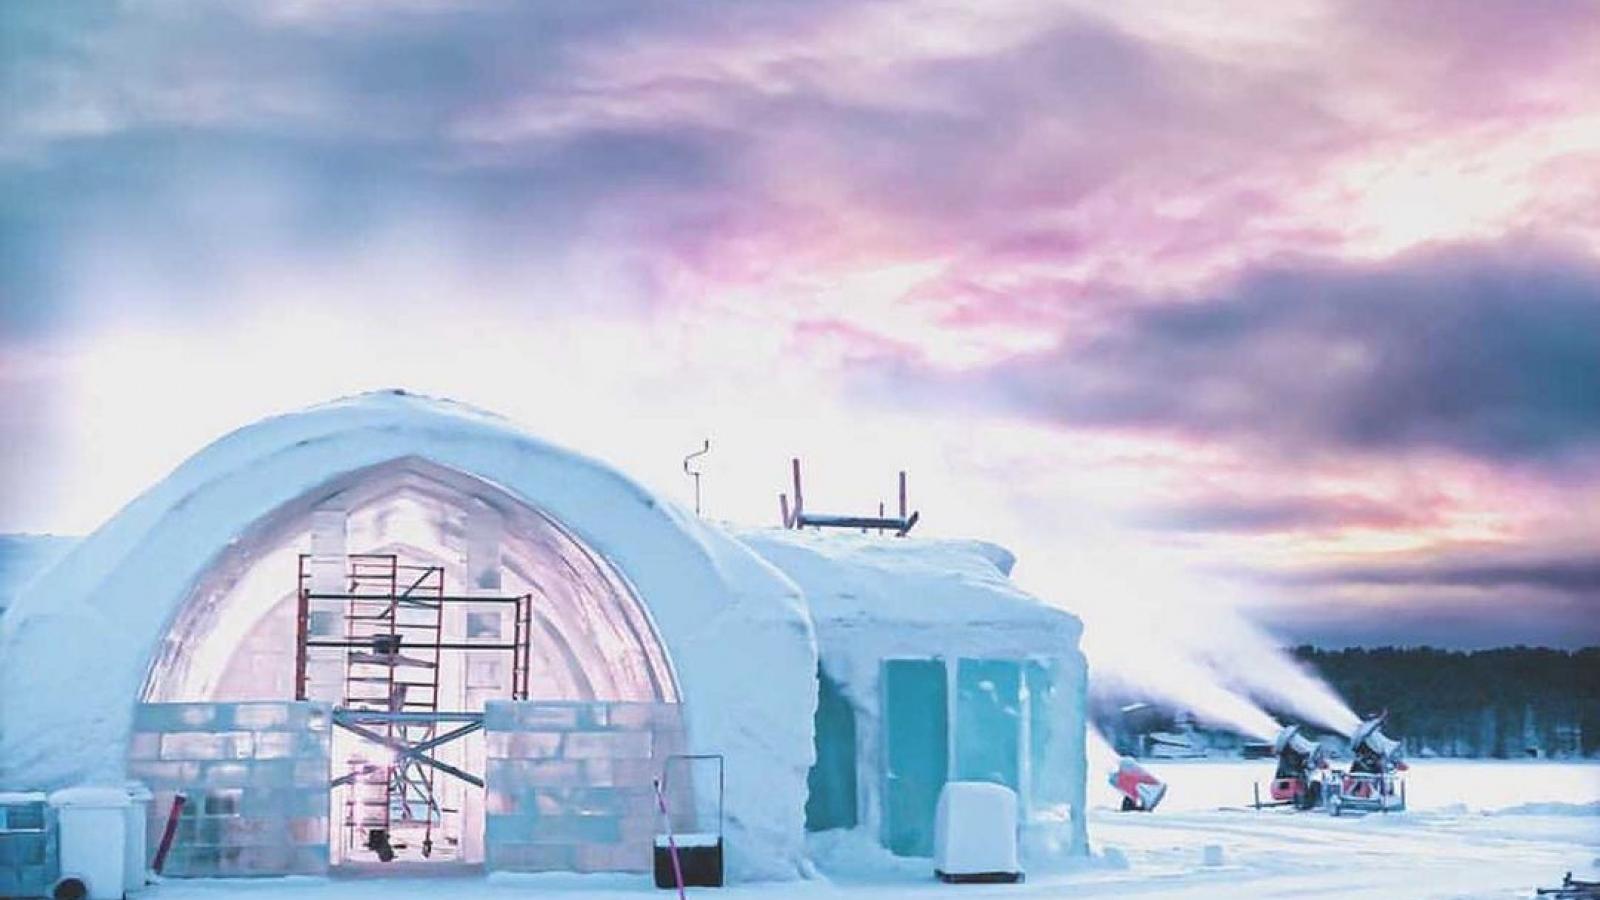 Khách sạn lạnh giá xây bằng băng tuyết